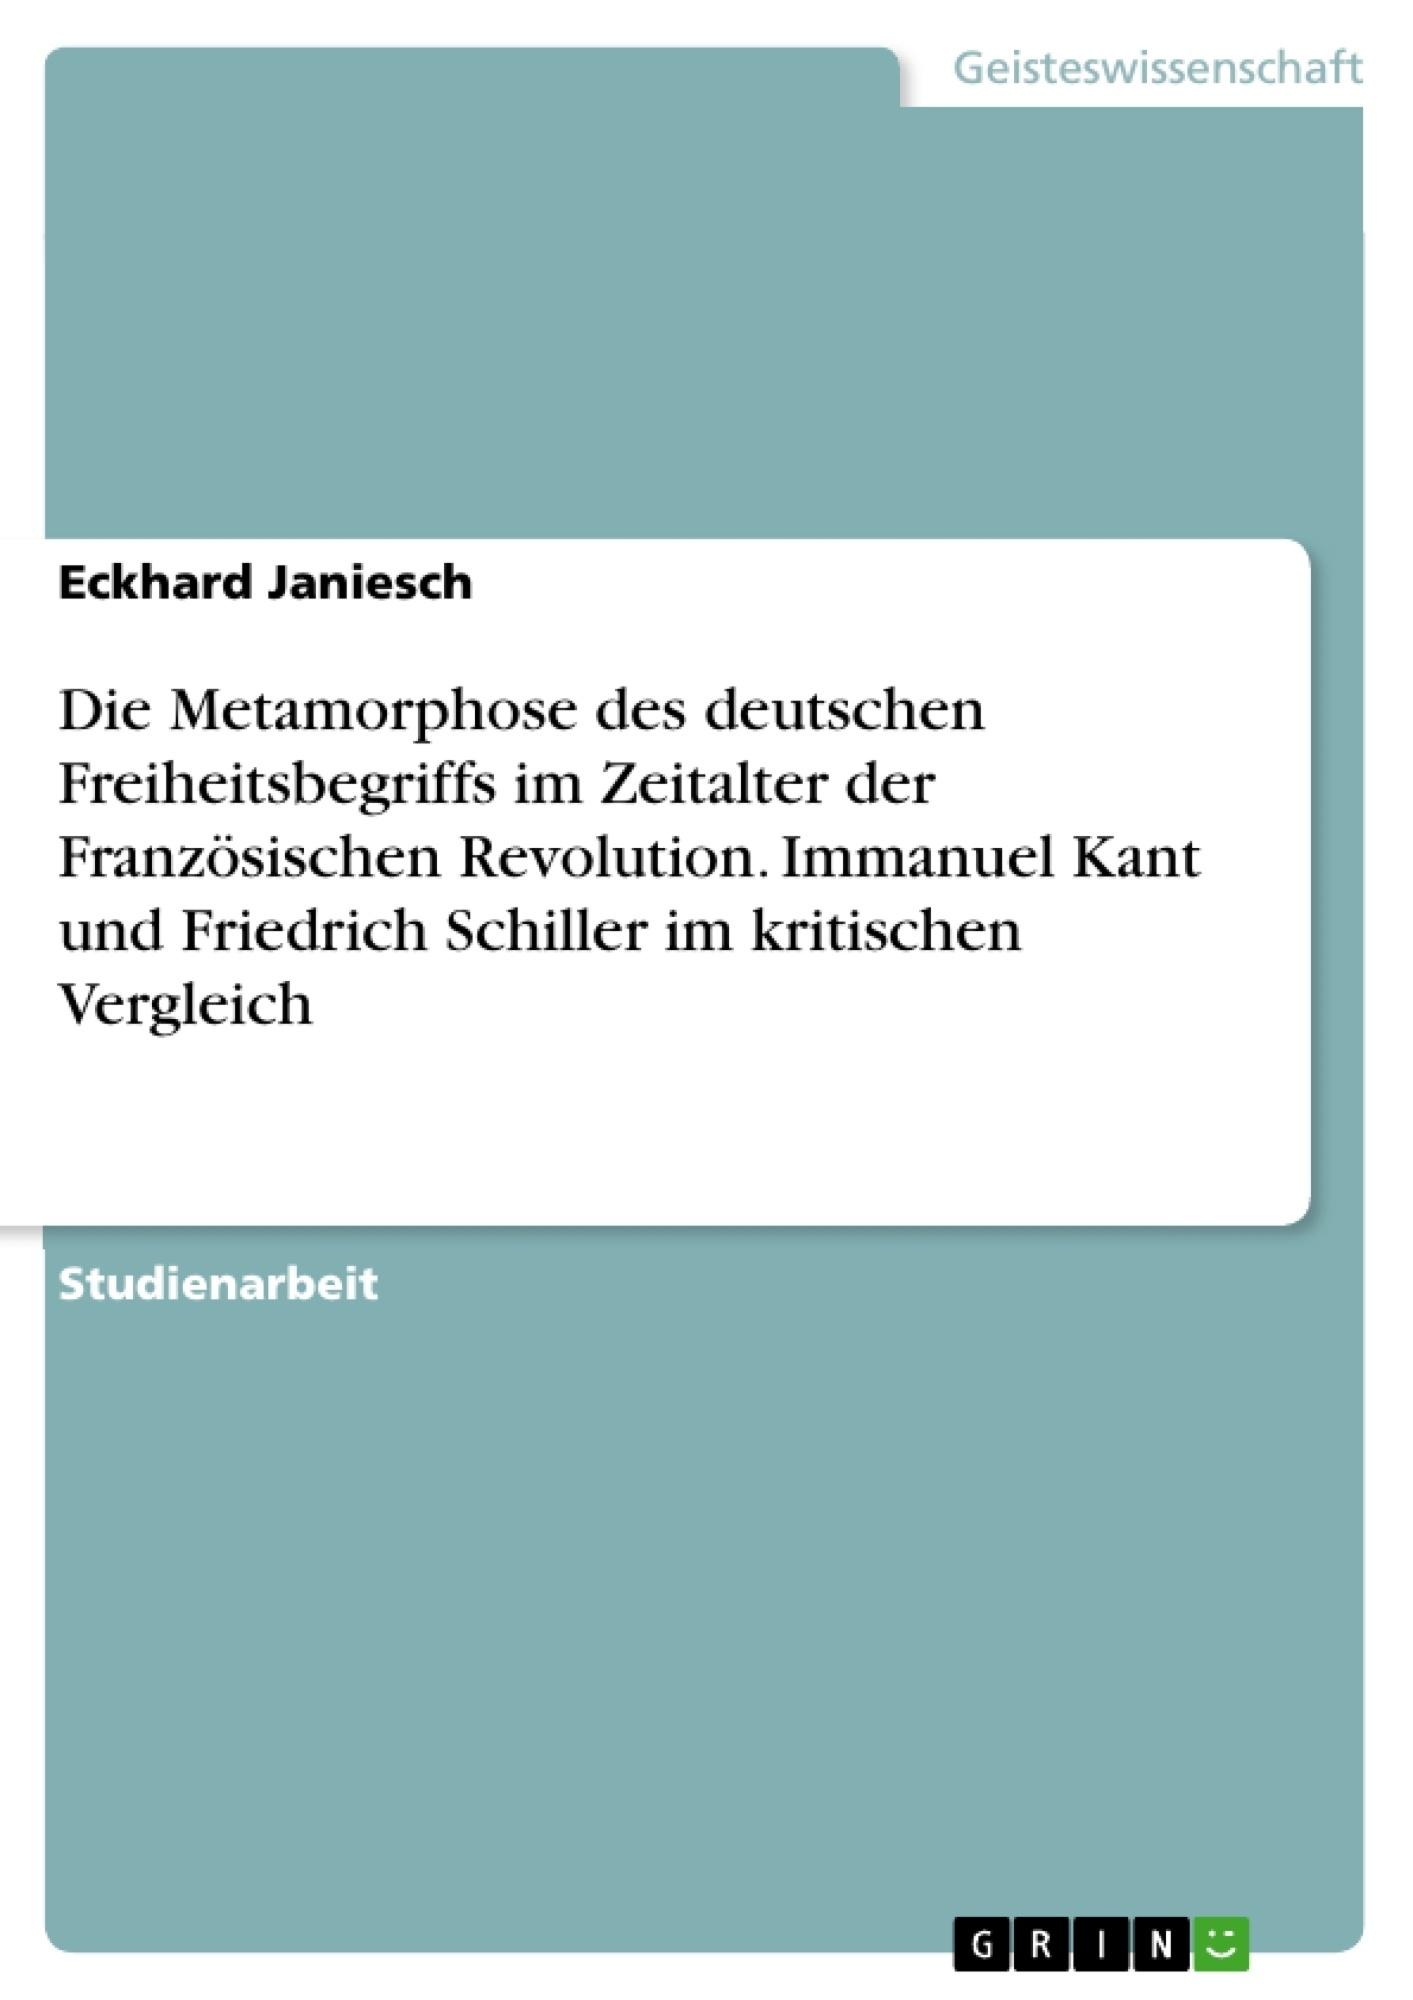 Titel: Die Metamorphose des deutschen Freiheitsbegriffs im Zeitalter der Französischen Revolution.   Immanuel Kant und Friedrich Schiller im kritischen Vergleich